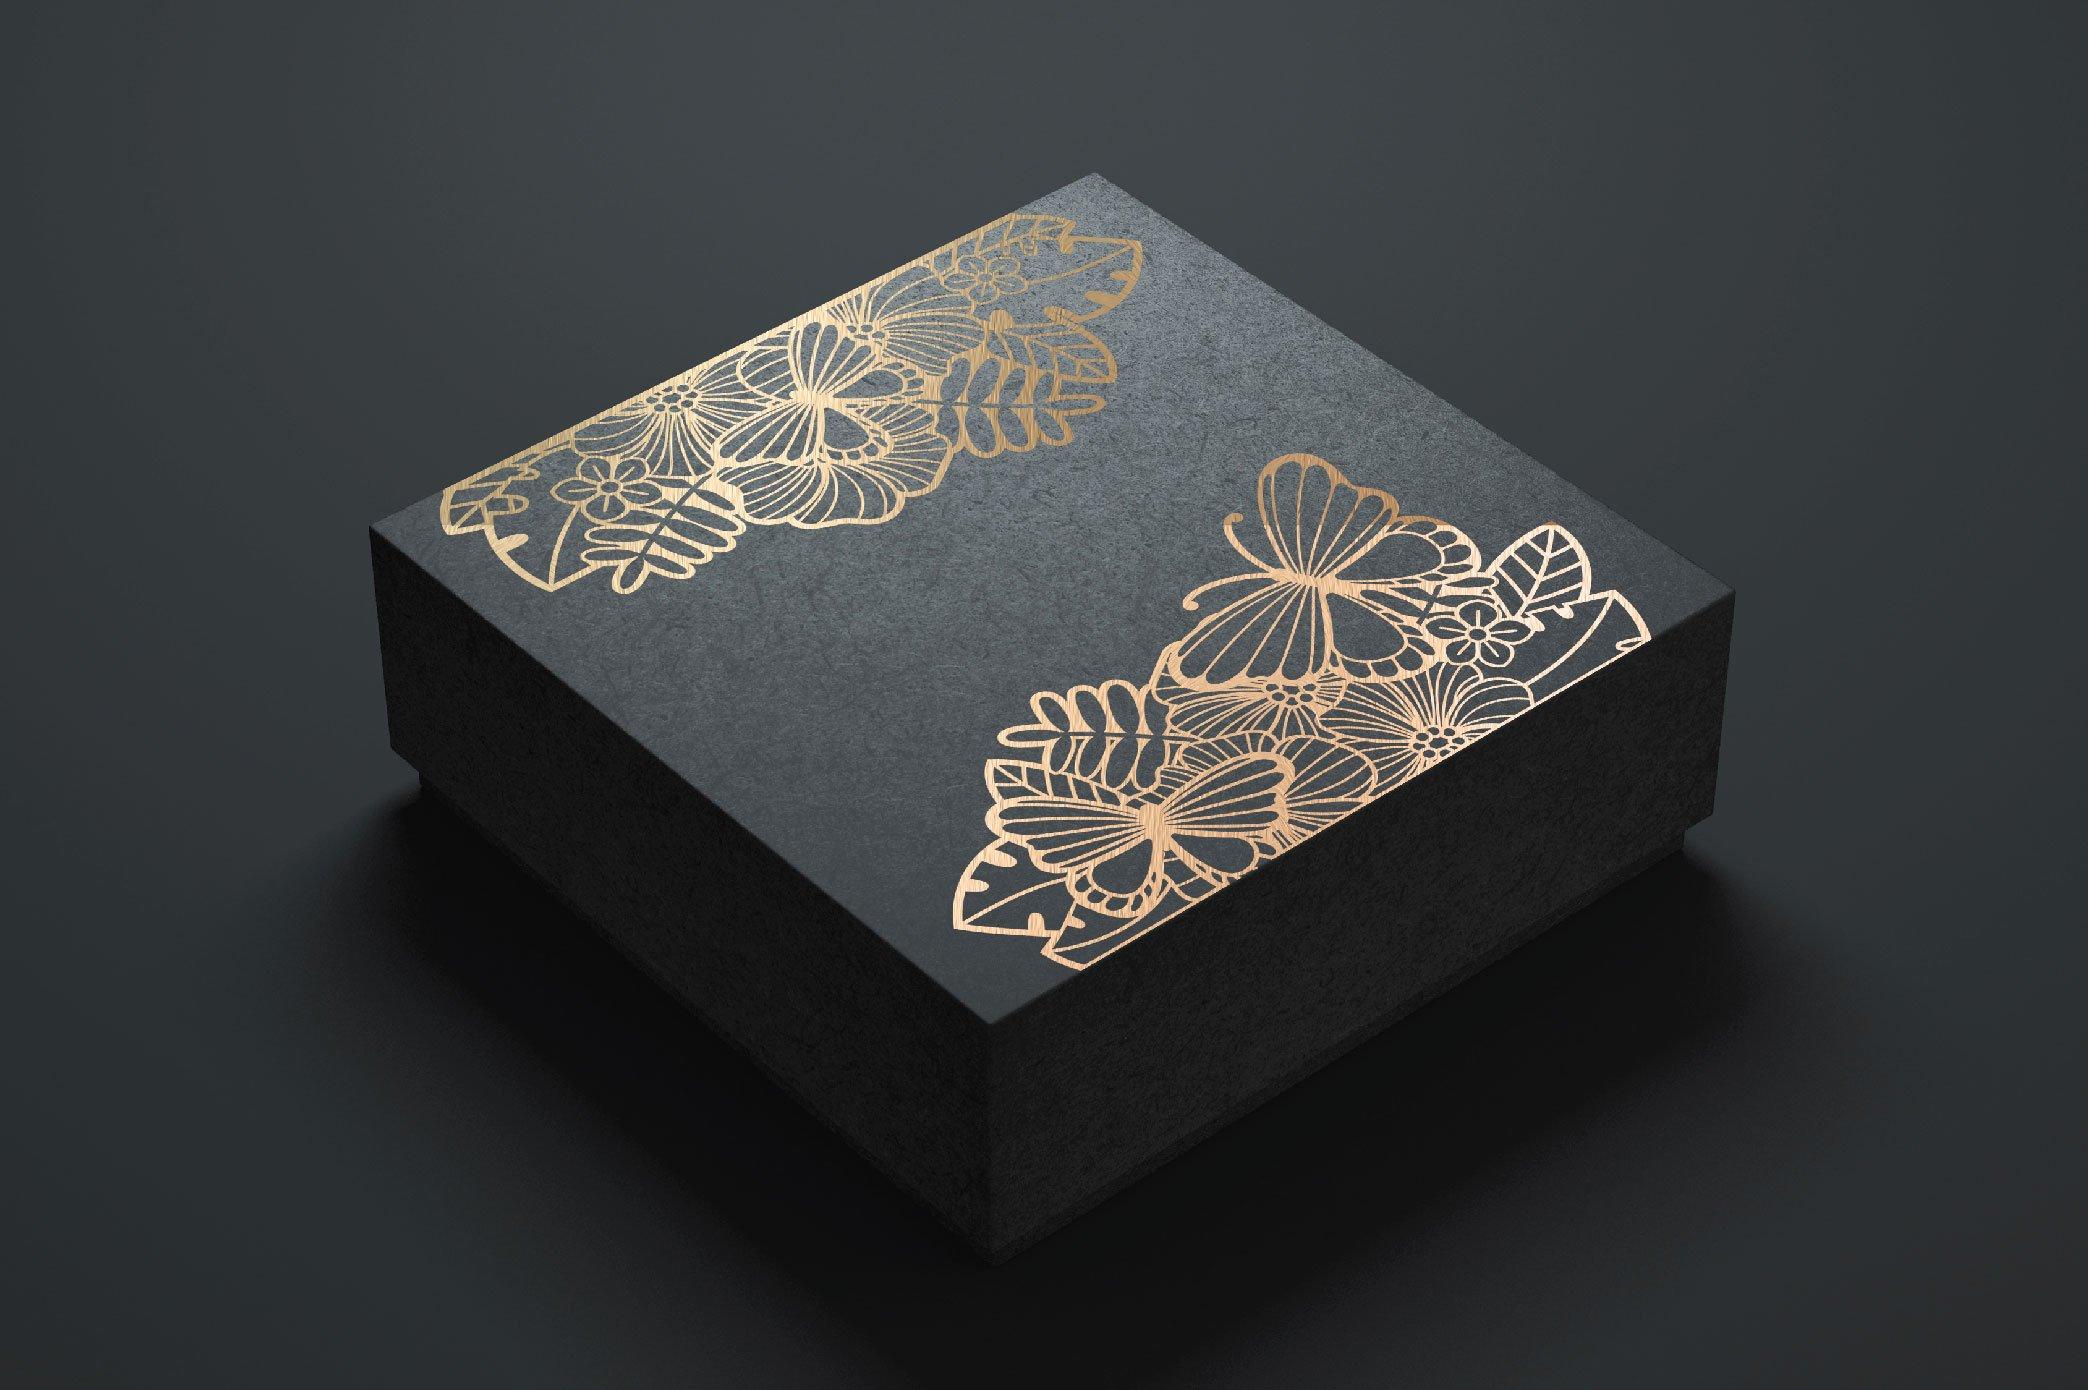 Split Monogram SVG | Floral SVG | Butterfly SVG | Summer SVG example image 8